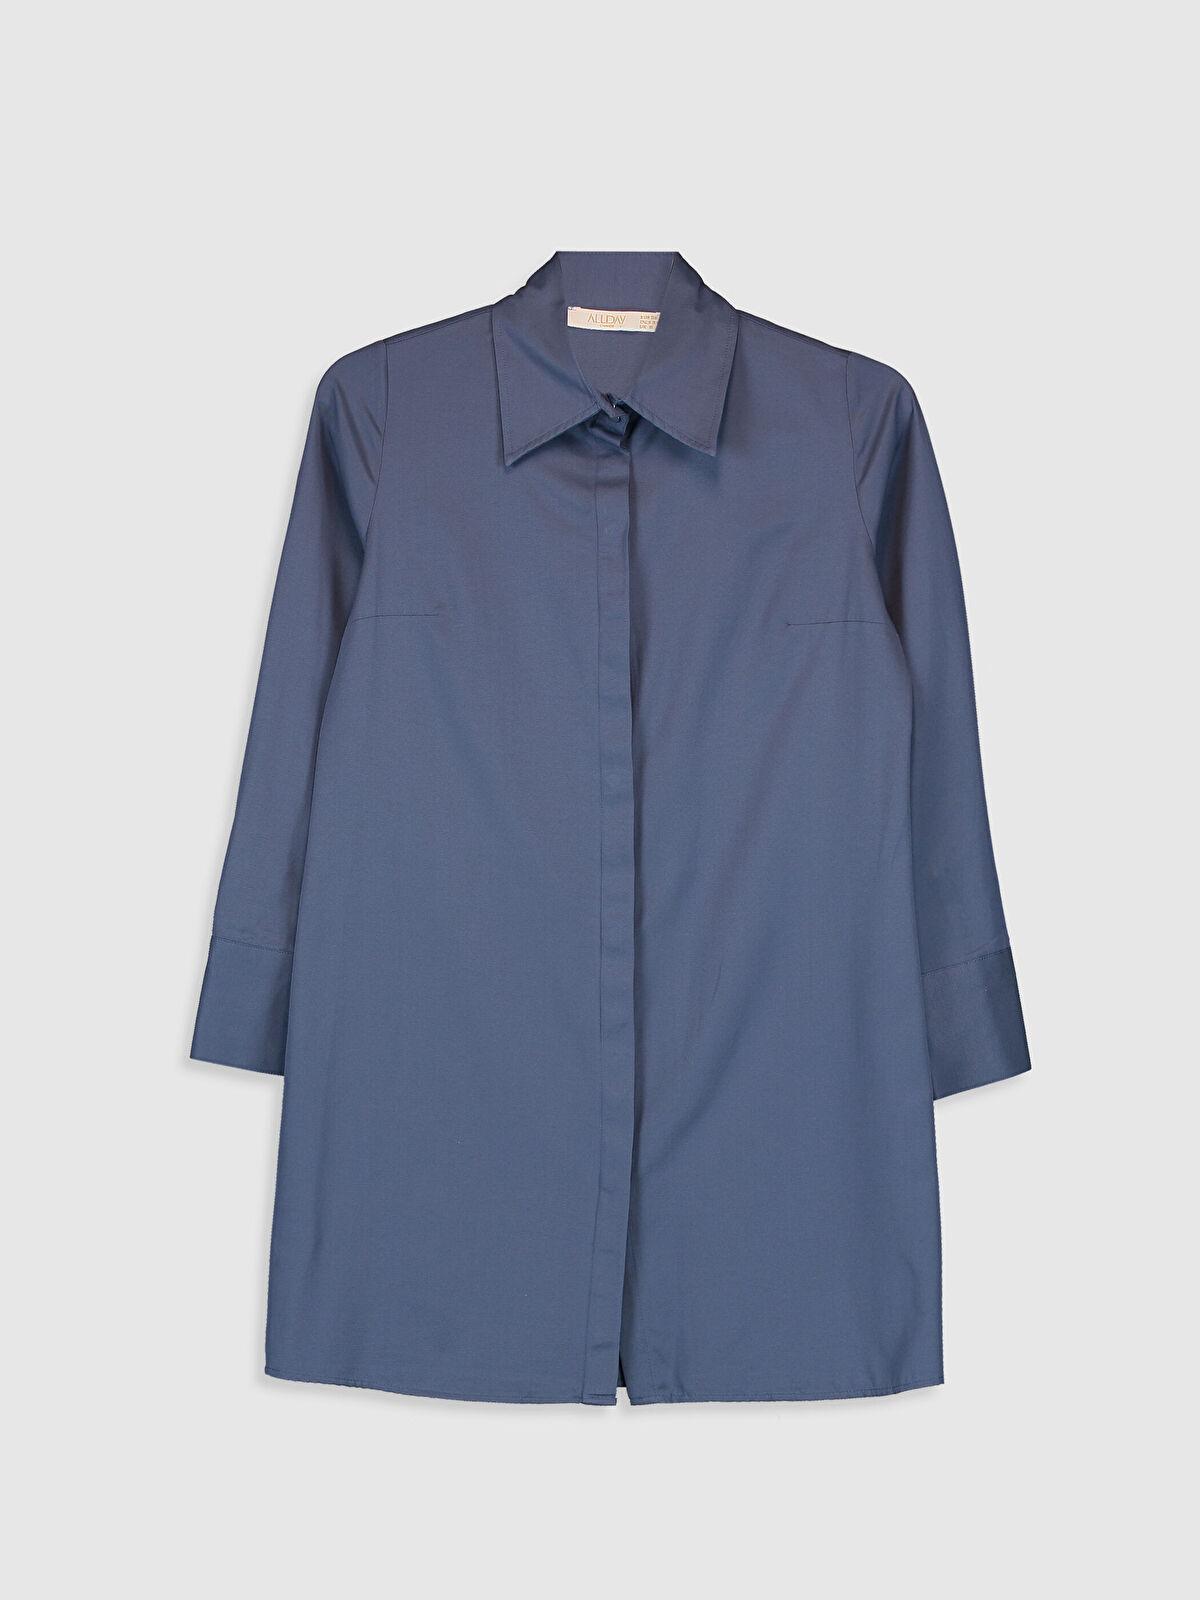 Allday Salaş Gömlek - Markalar